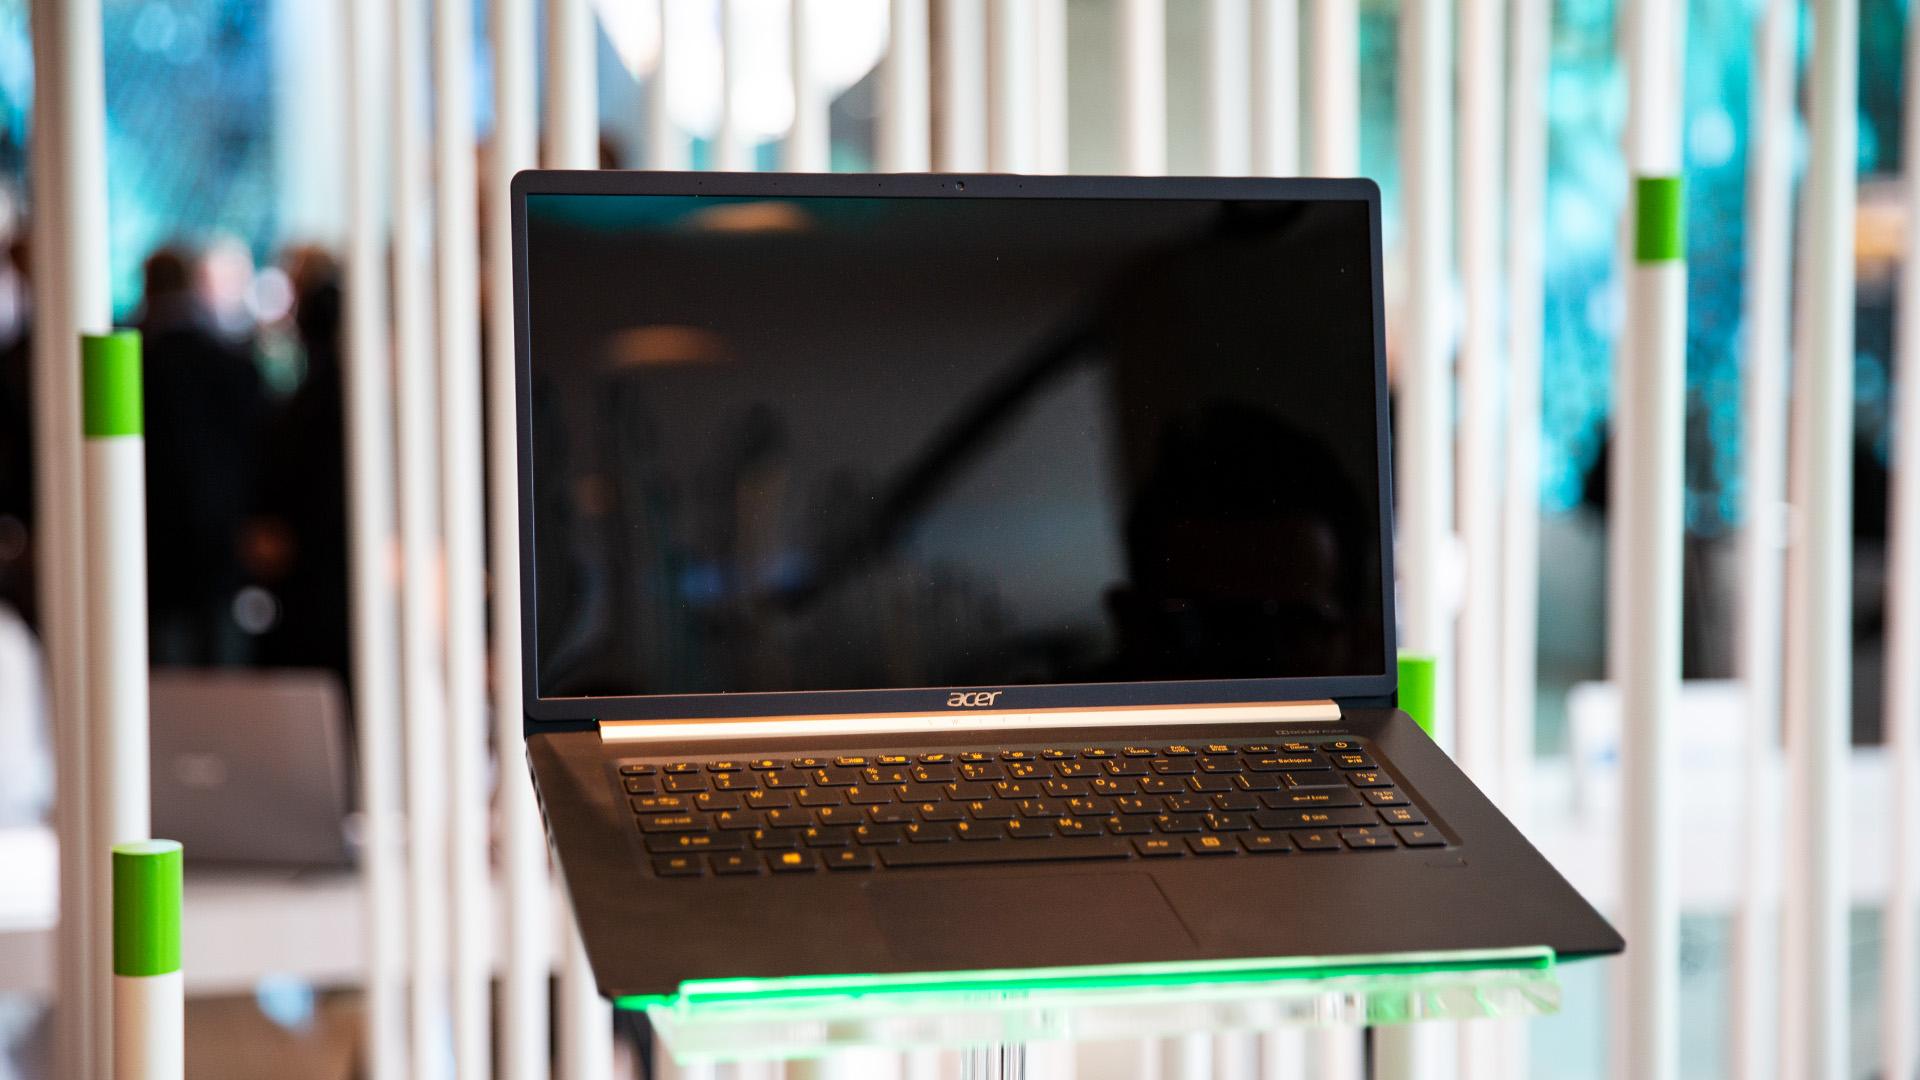 Acer-Portfolio 2018: Nitro-Gaming-PCs mit Ryzen und viele neue Notebooks - In New York war nur ein Mockup ausgestellt. (Bild: Robert Kern/Golem.de)